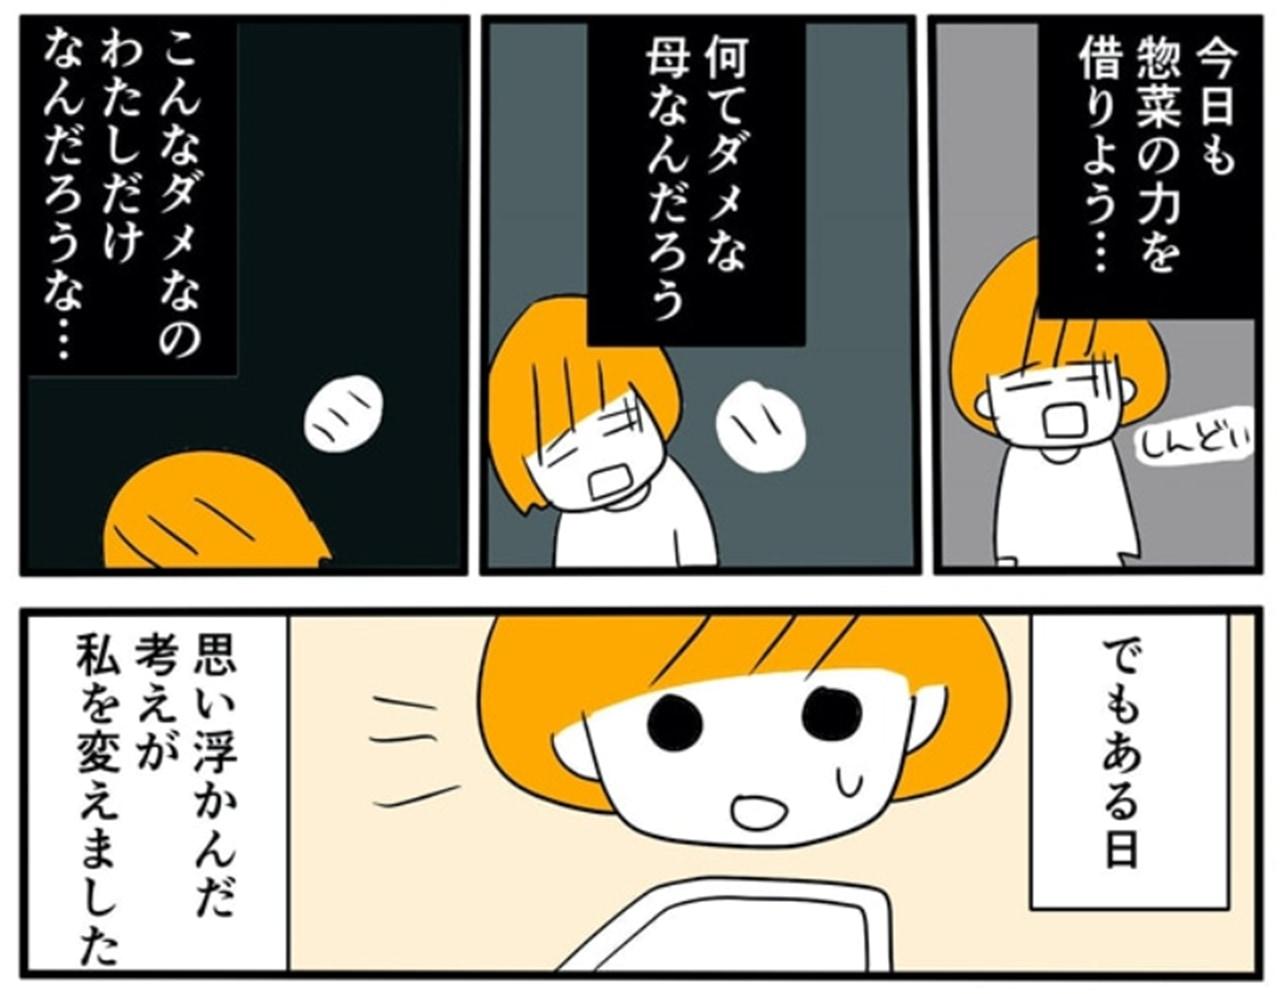 【漫画】「今日惣菜でもいいかな?」から「今日惣菜にしよう!」に変わった話にハッとさせられる